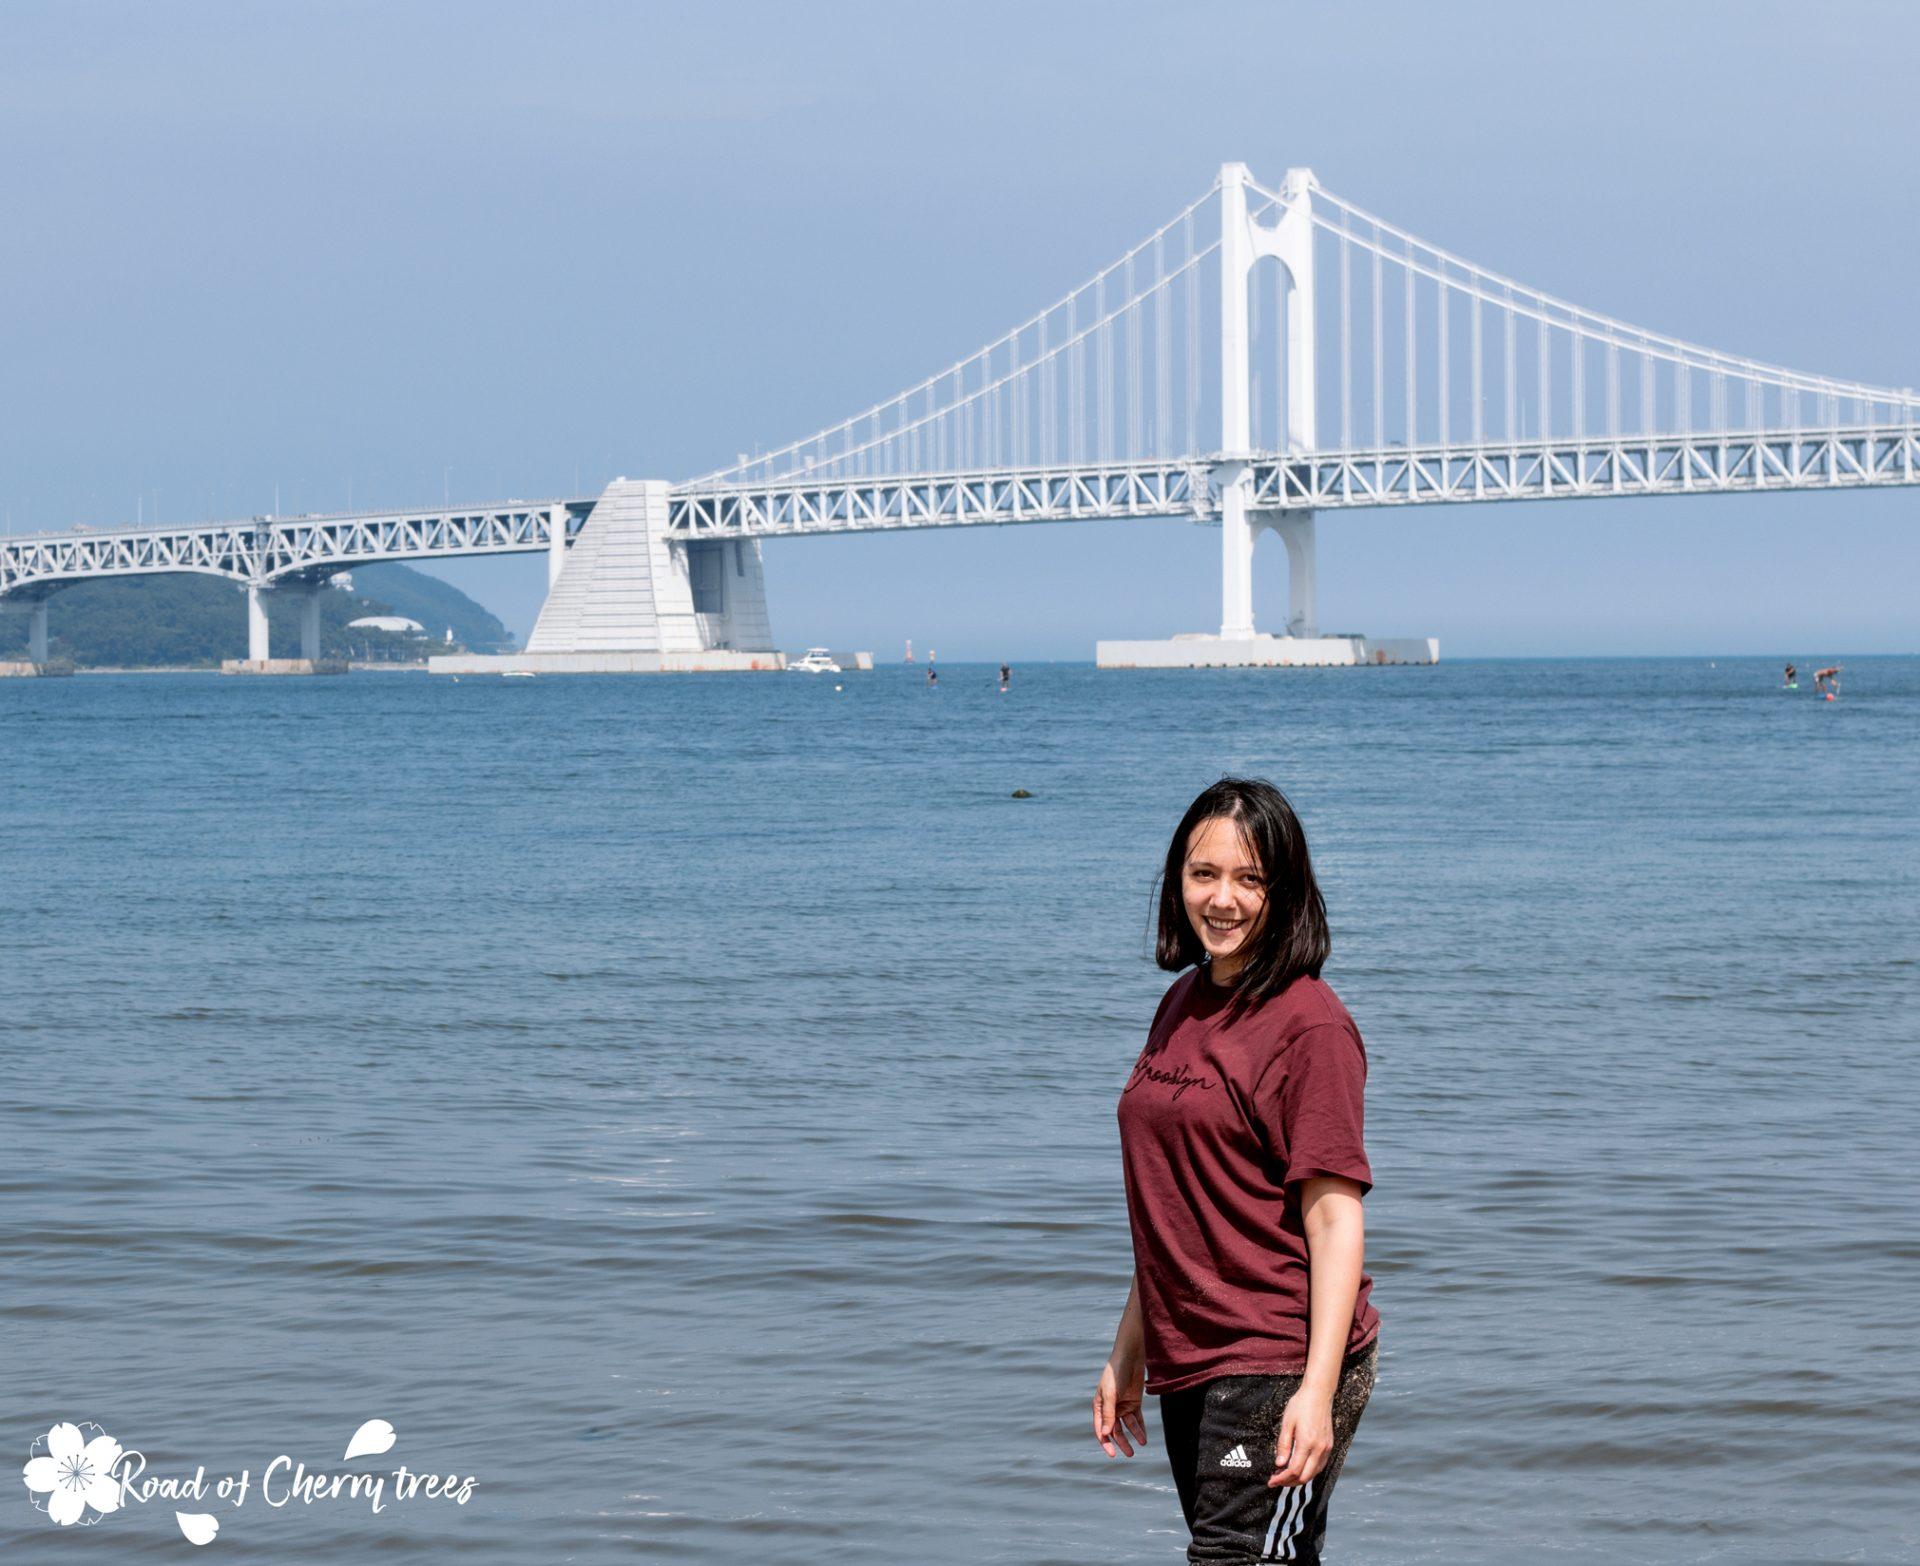 Séance photo sur la plage de Gwangalli, Busan, Corée du Sud